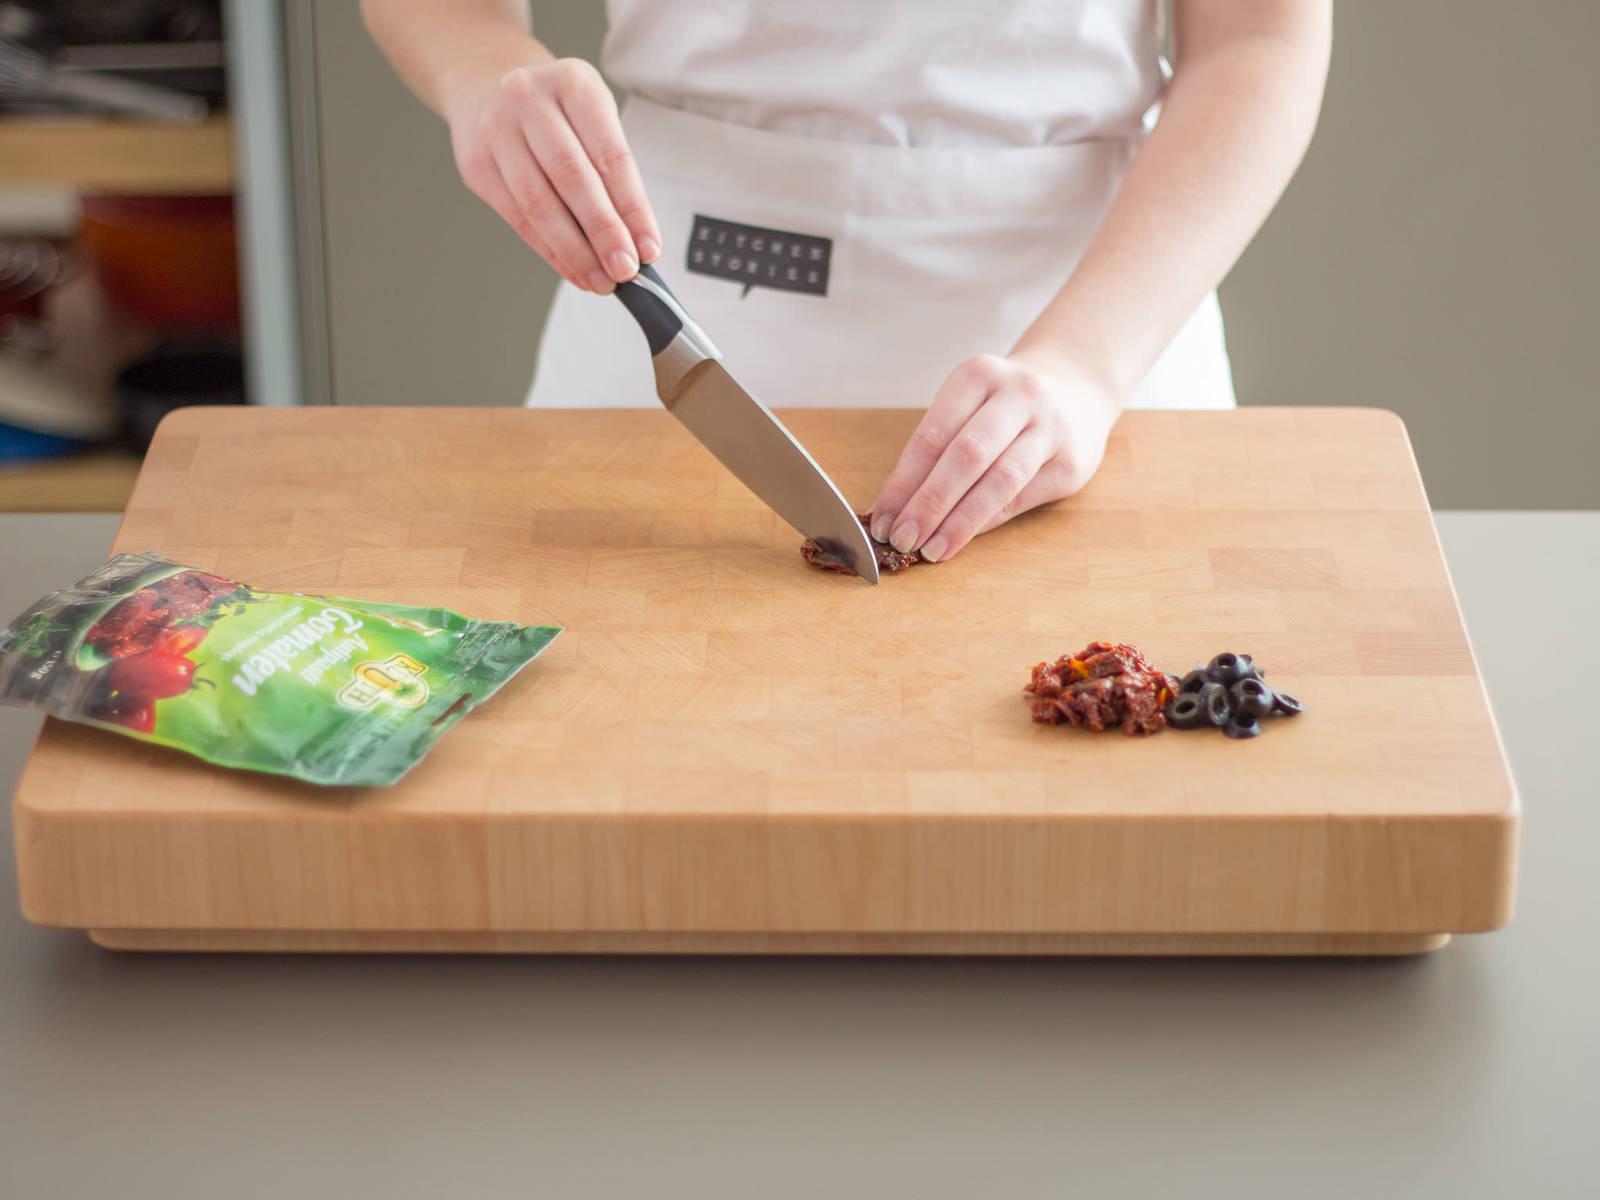 将橄榄和西红柿干大略切碎。